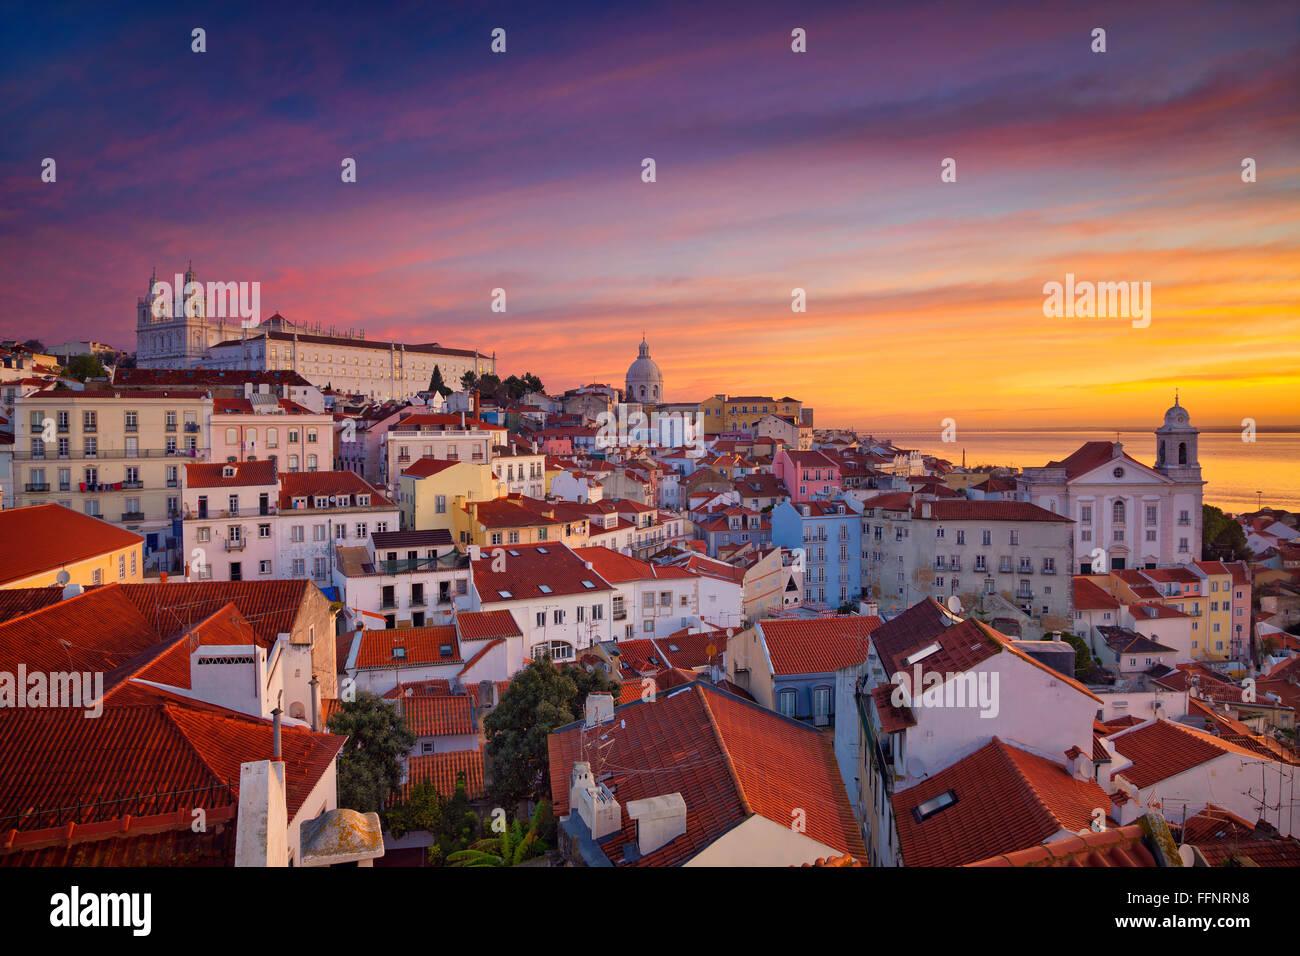 Lisbona. Immagine di Lisbona, Portogallo durante la drammatica sunrise. Immagini Stock